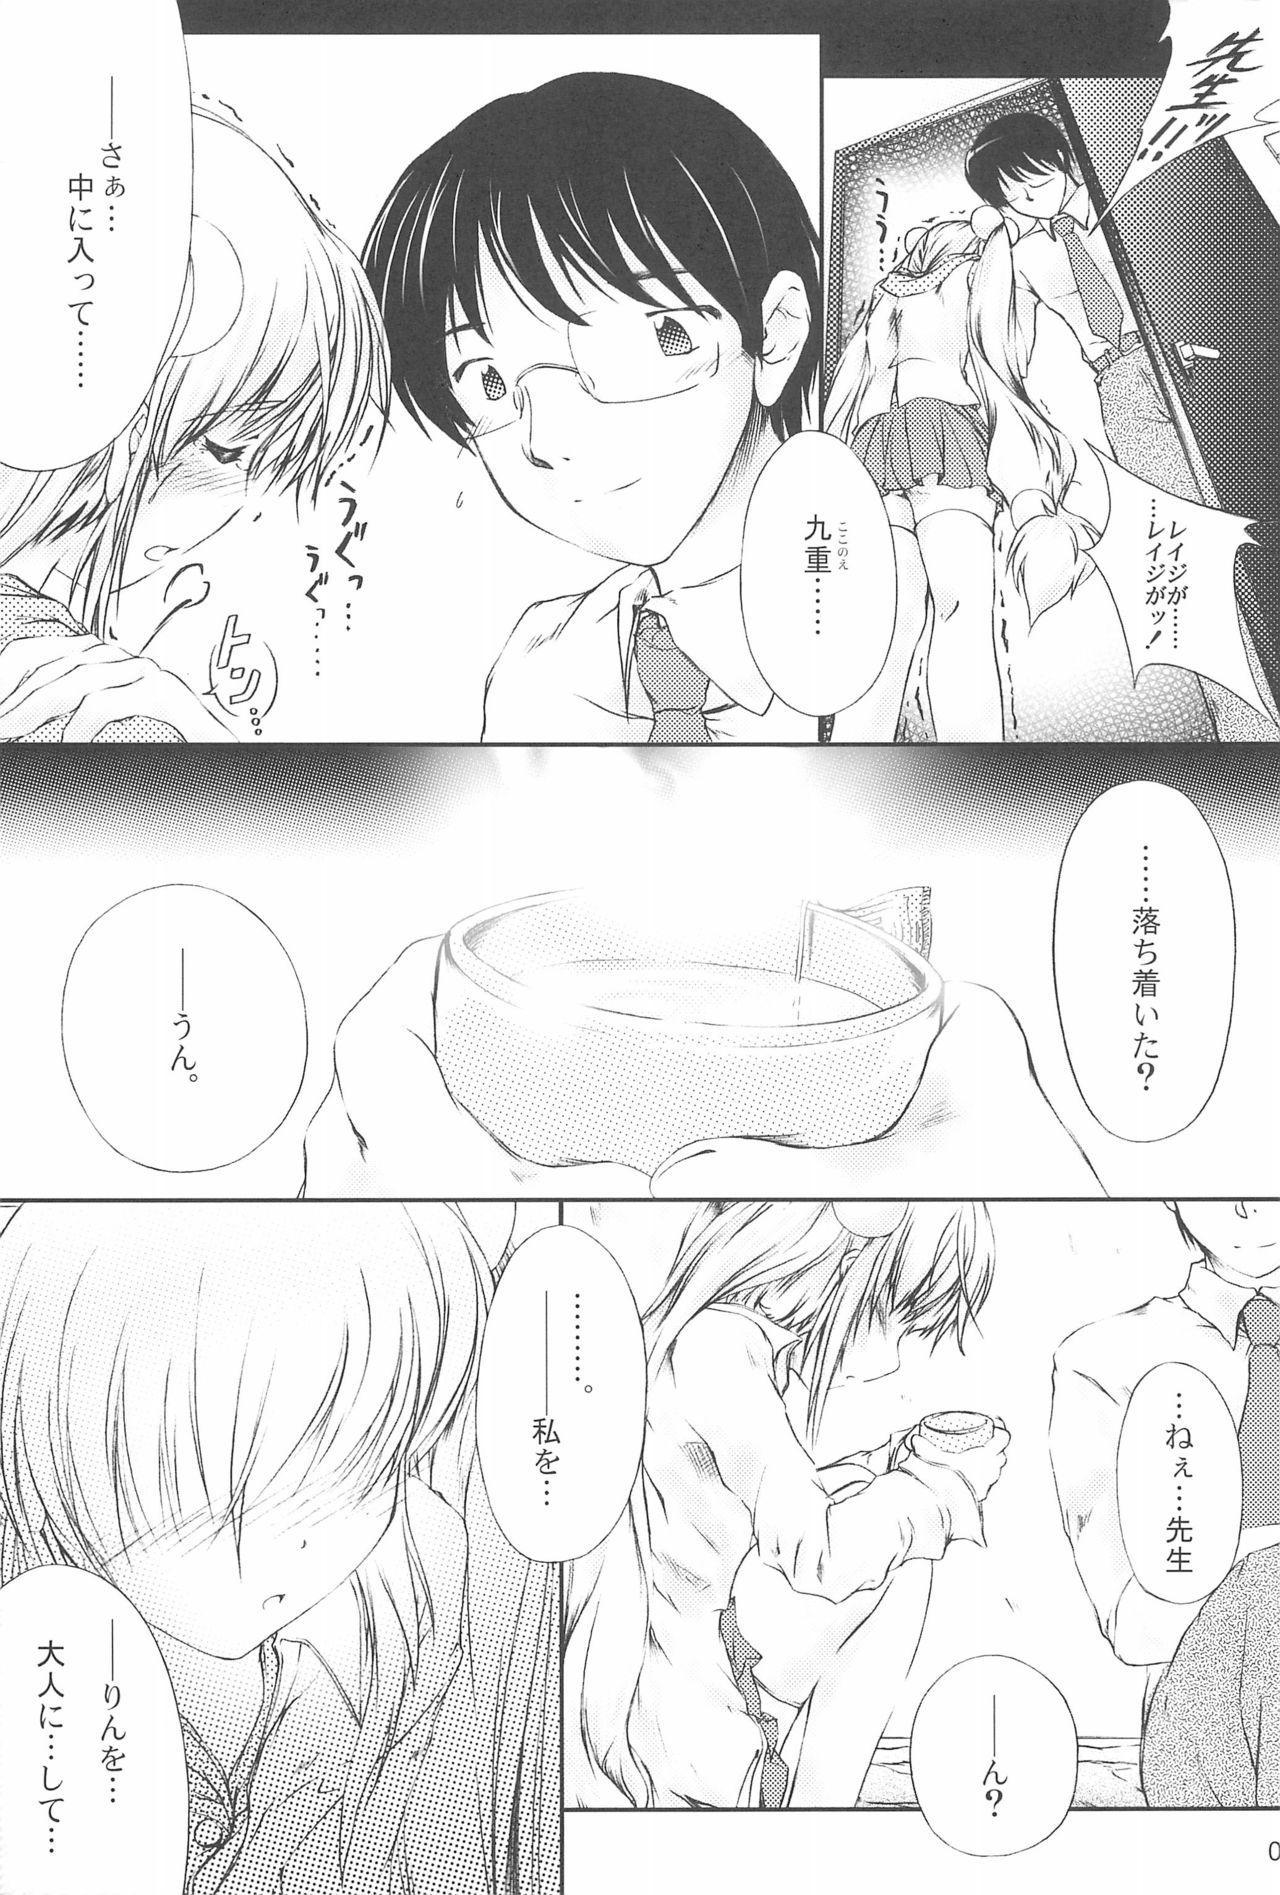 Mirai no Jikan 6